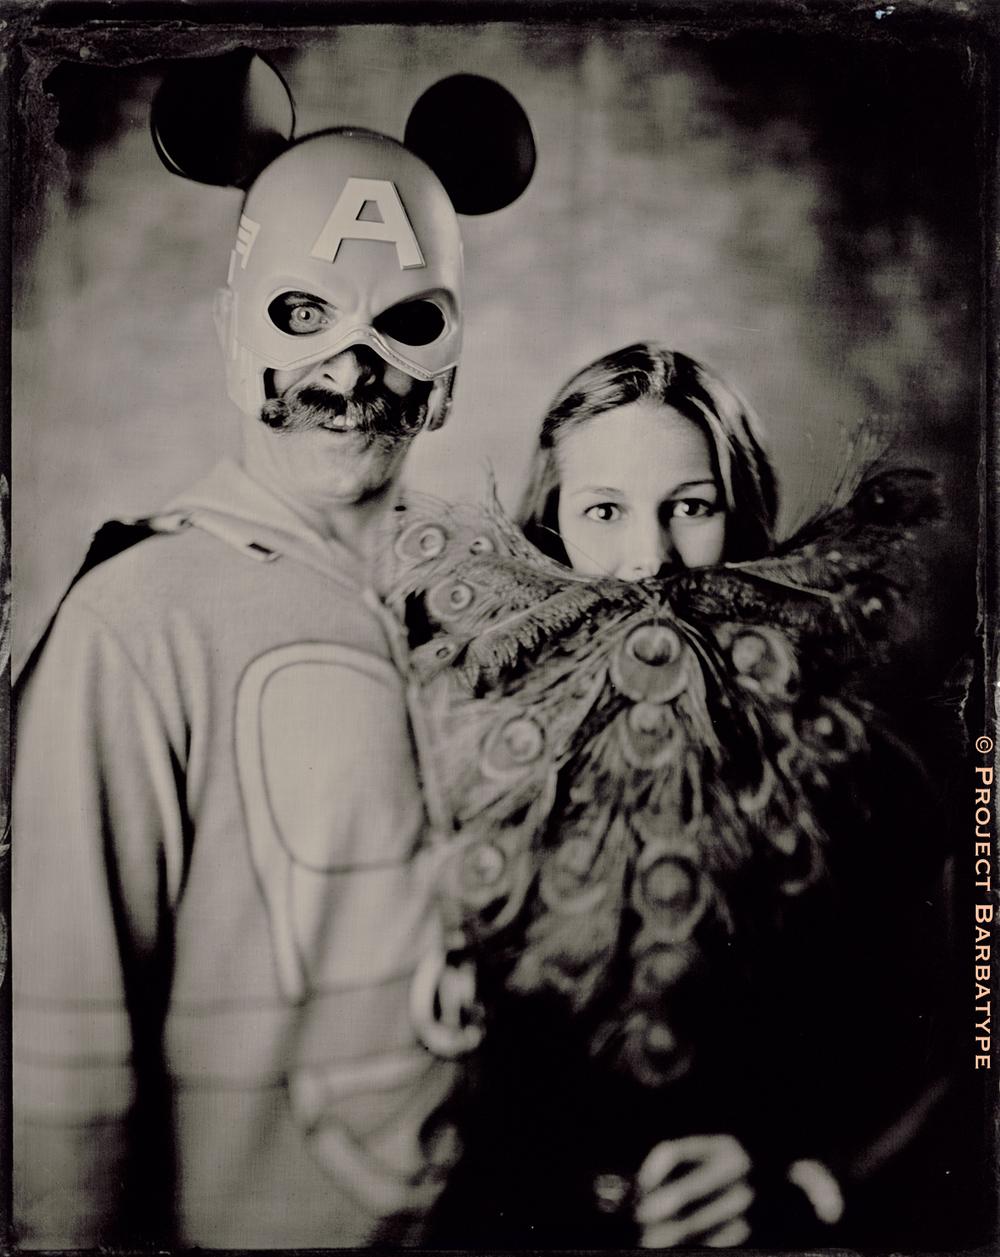 Kyle Bauer and Cassie Kinard